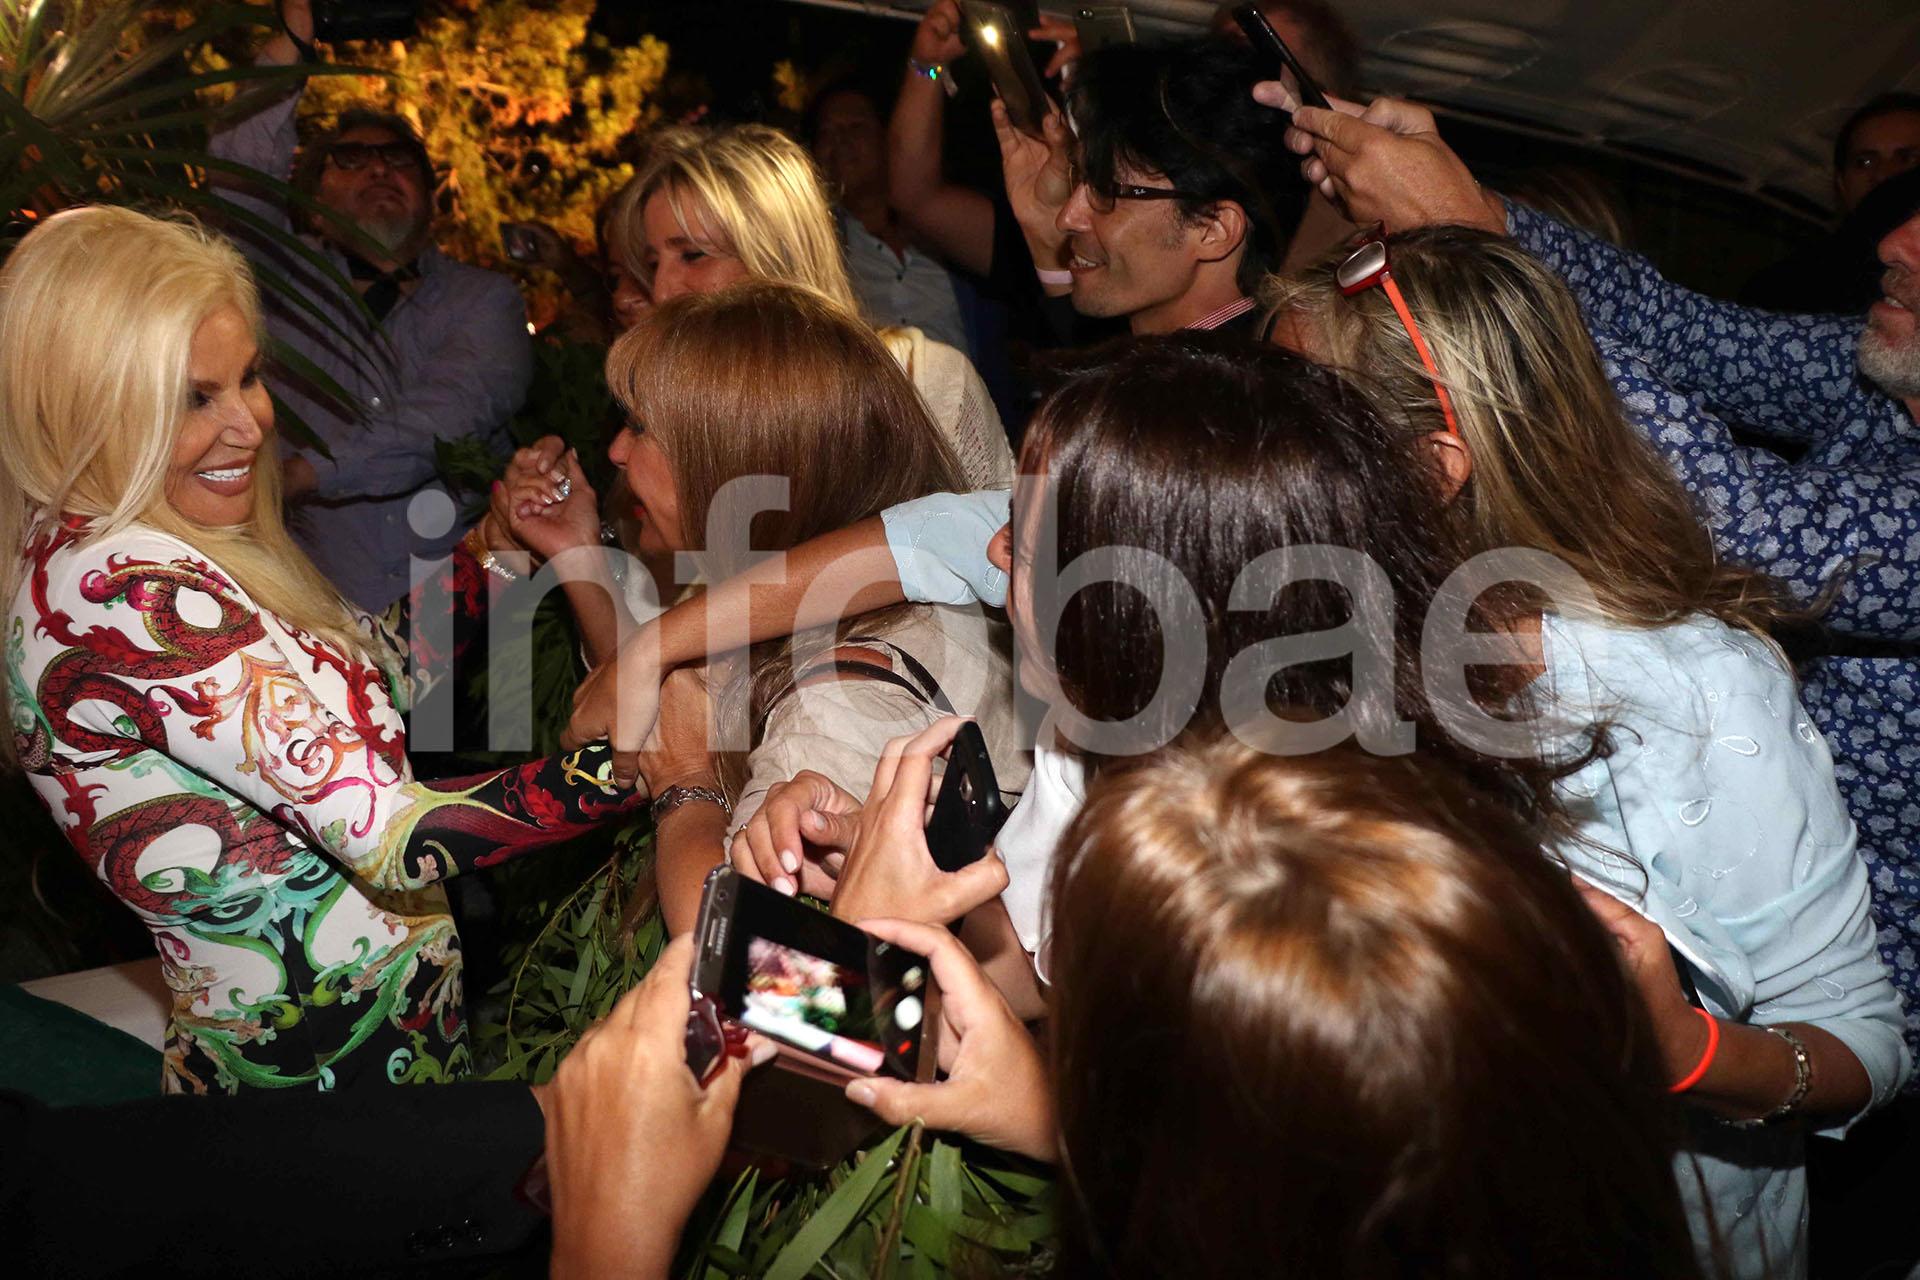 Dueña de un carisma único, la diva de los teléfonos habló con los invitados y se tomó selfies